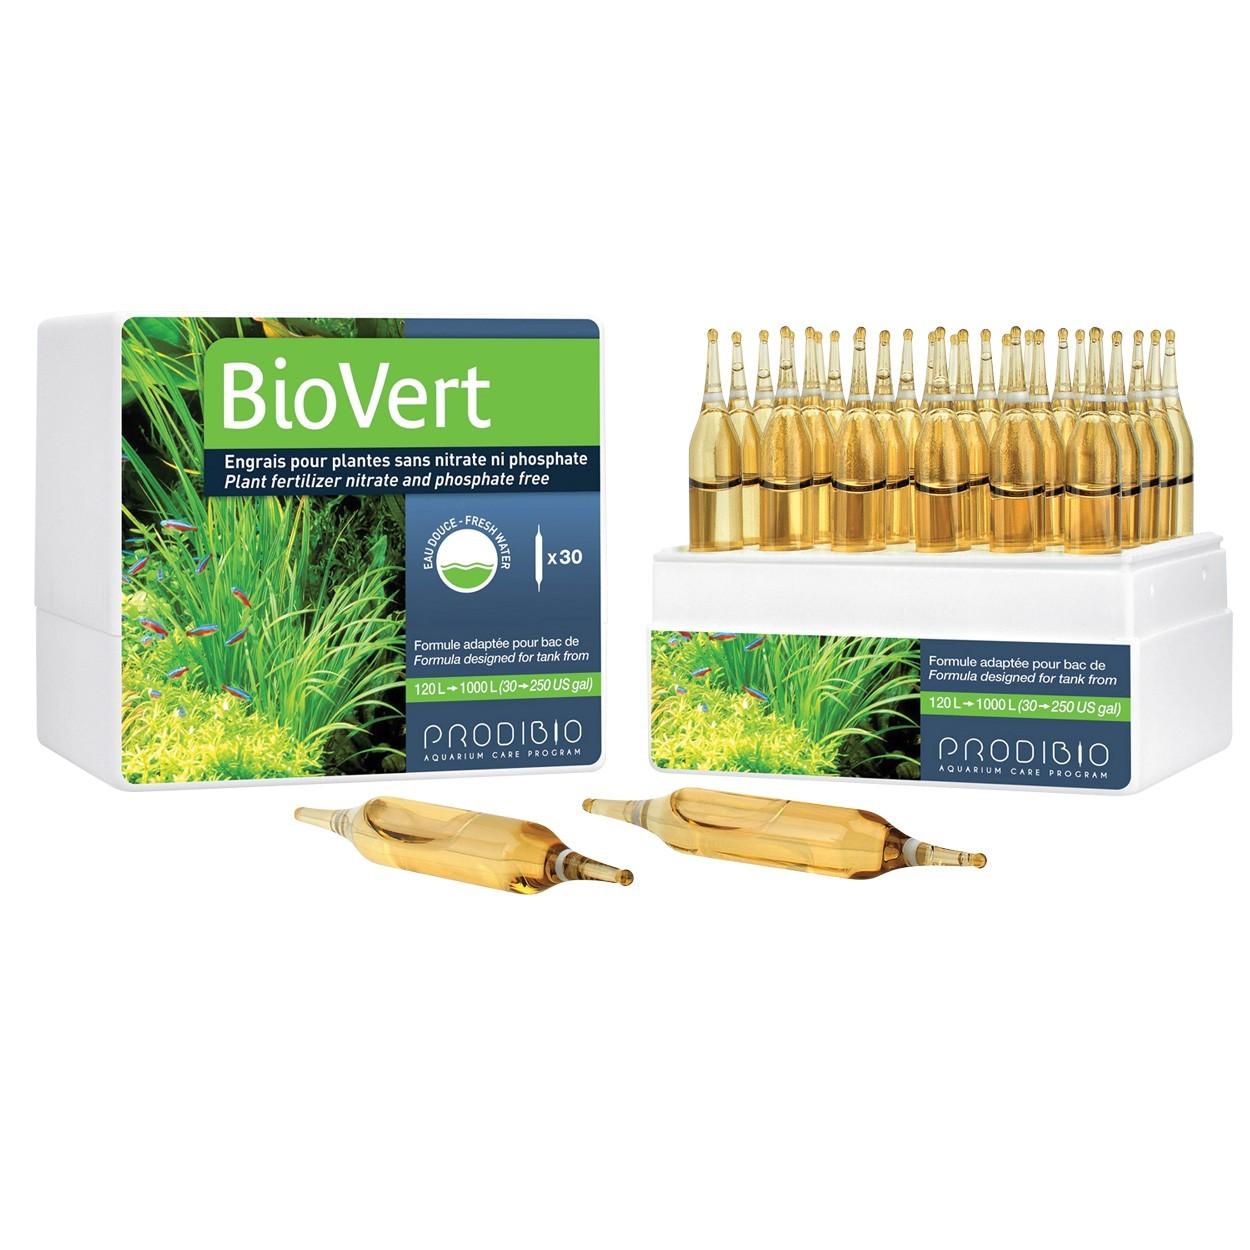 BioVert Standard Range - 30 Vials